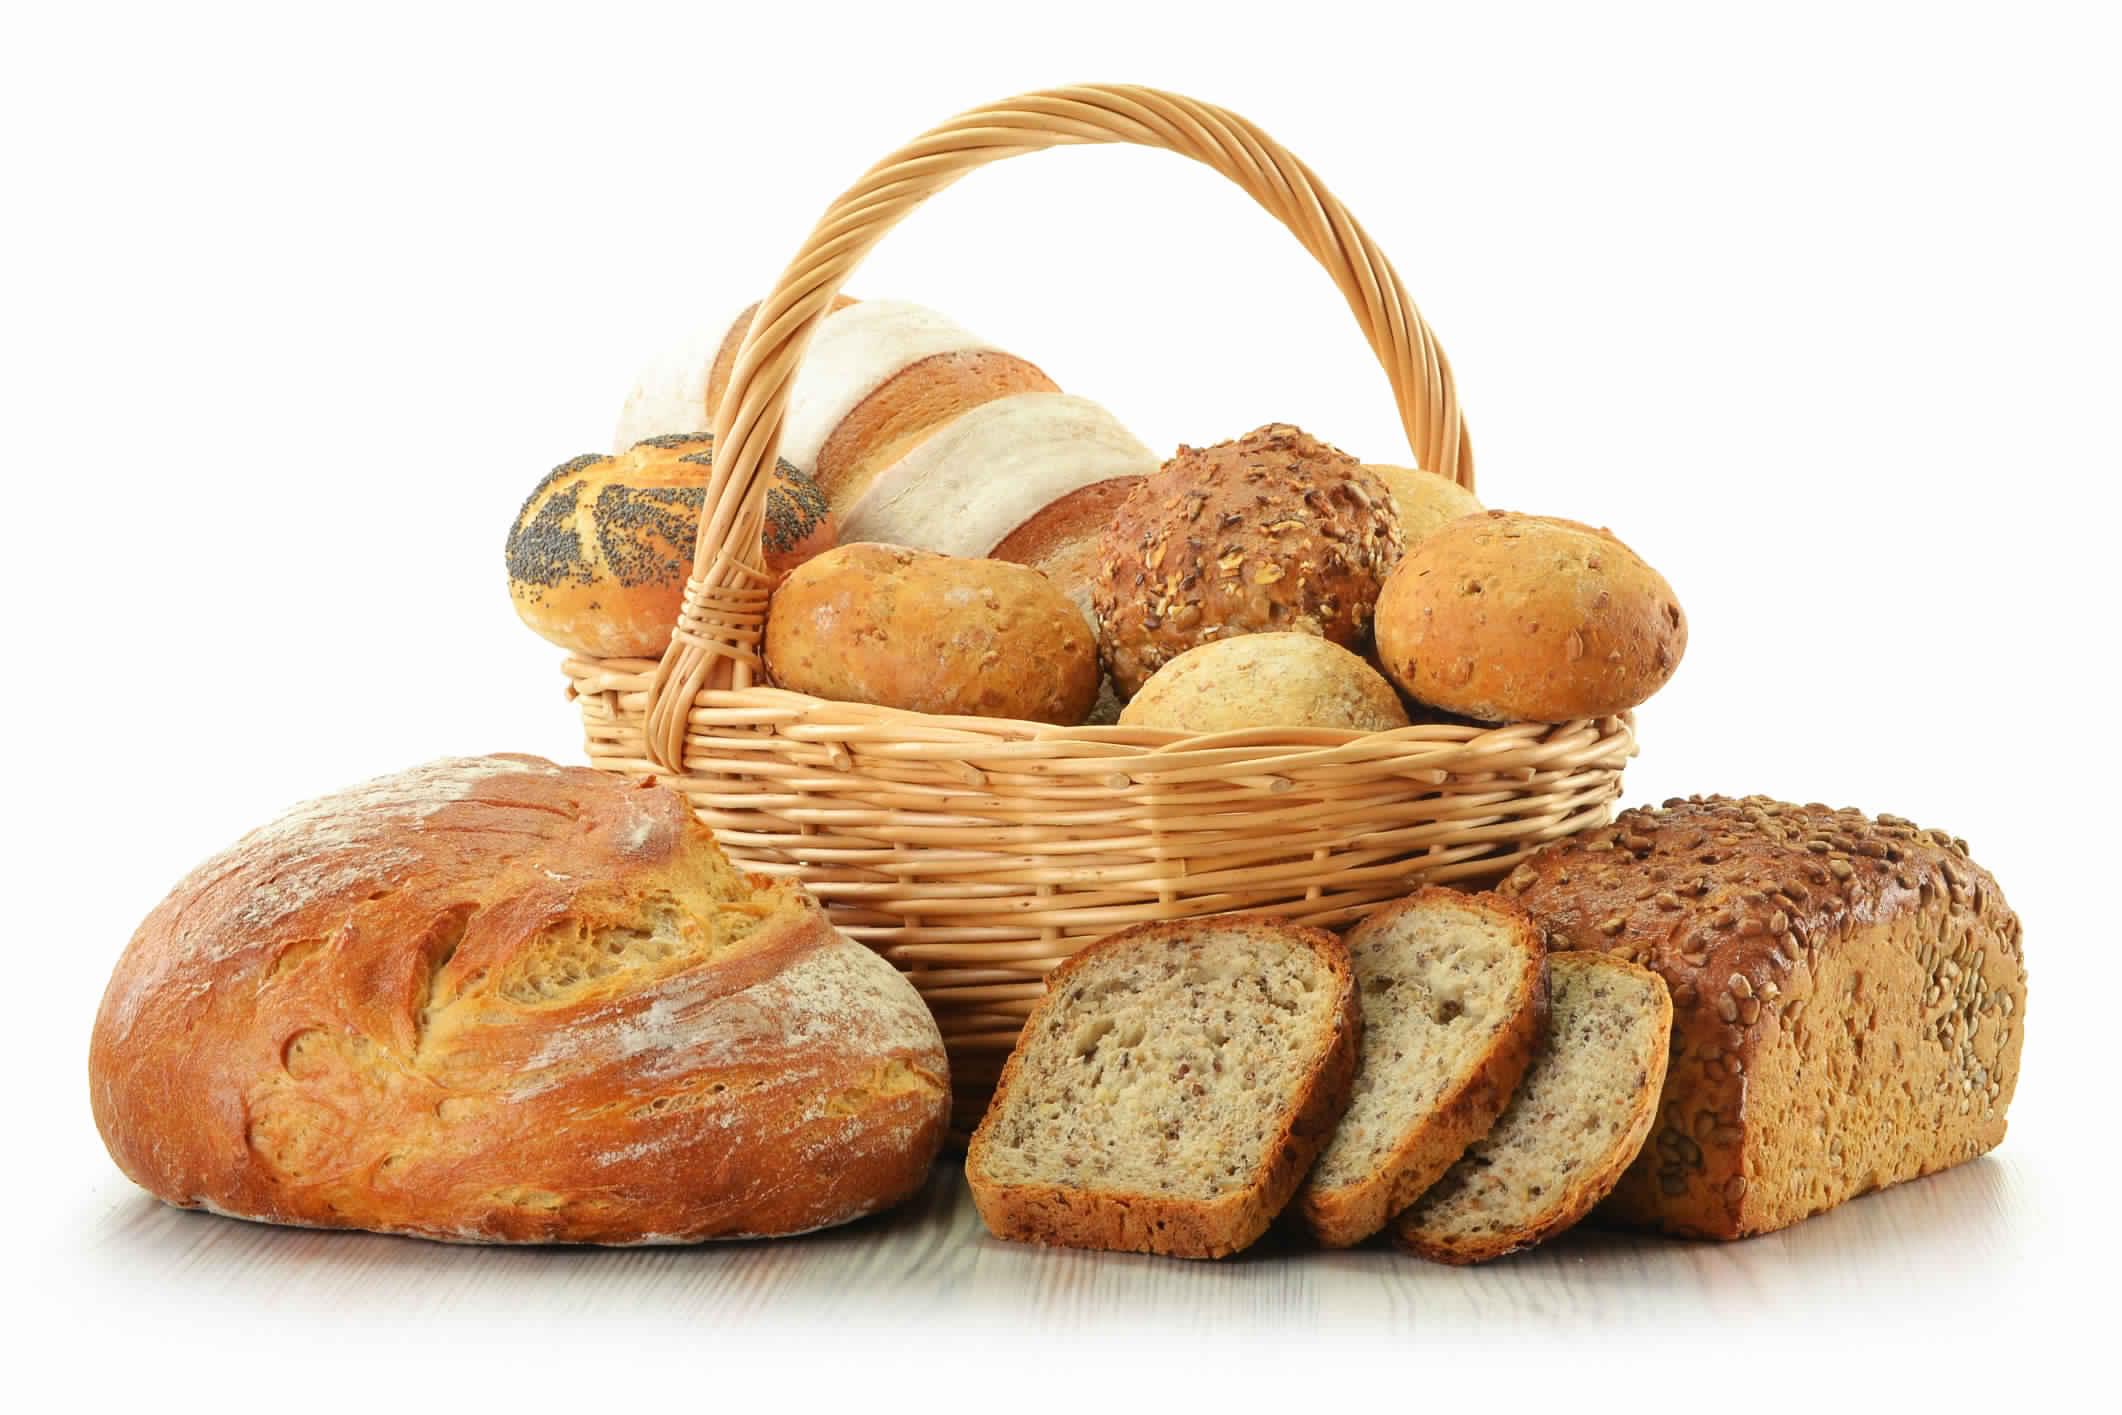 nsemble-des-aliments-pour-prendre-du-poids-et-se-battent-le-mince-du-corps-pain